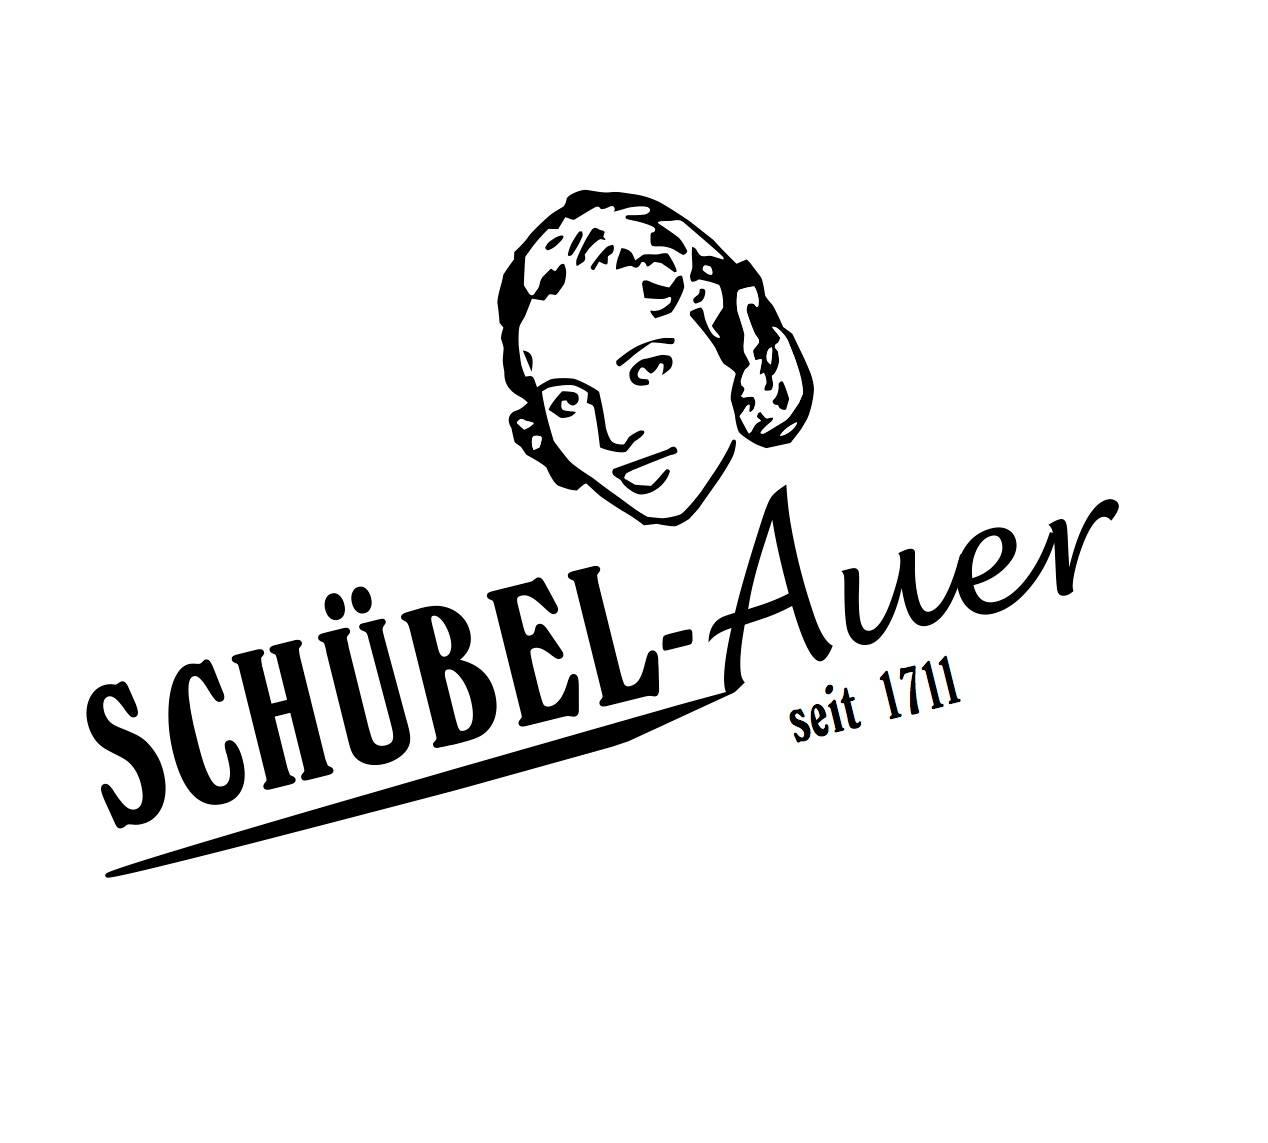 Schübel-Auer